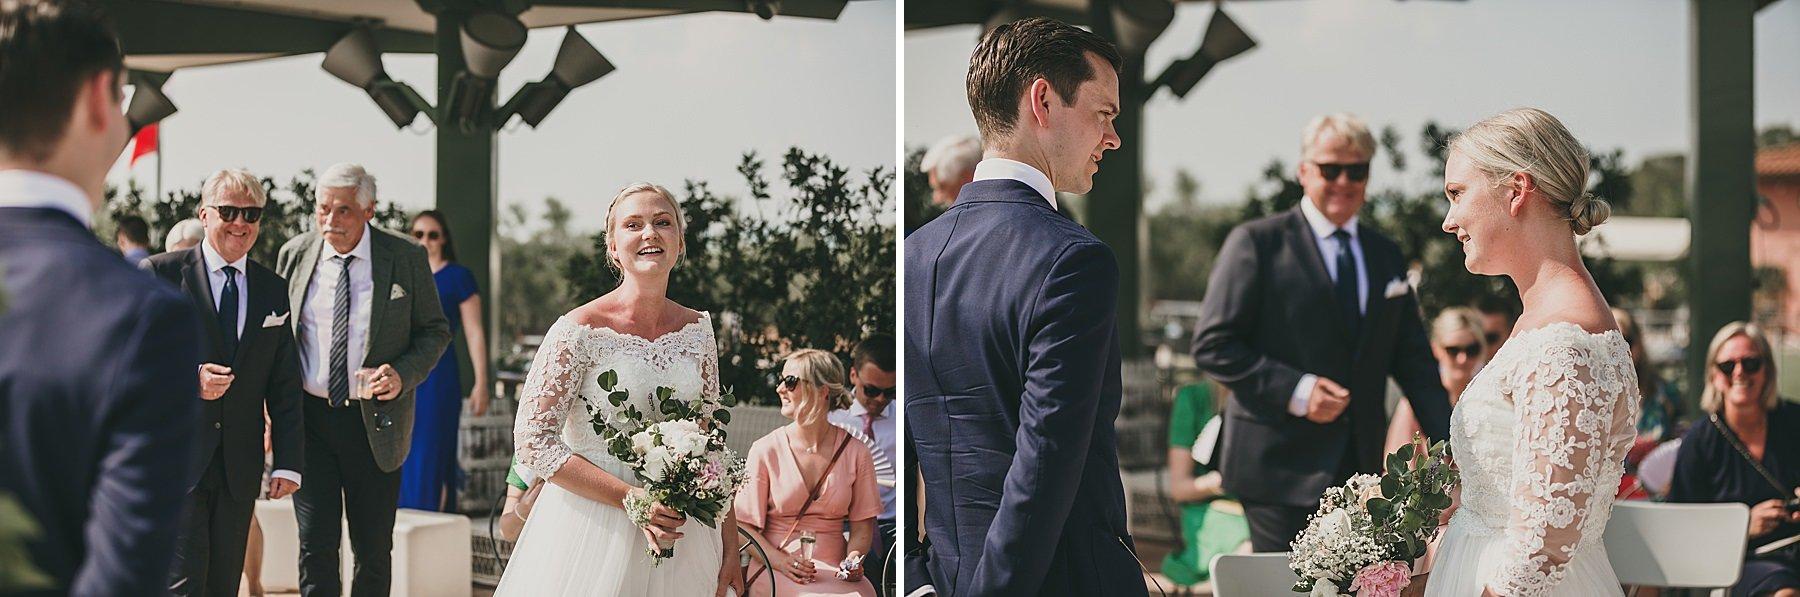 Emozione mentre arriva la sposa in cerimonia